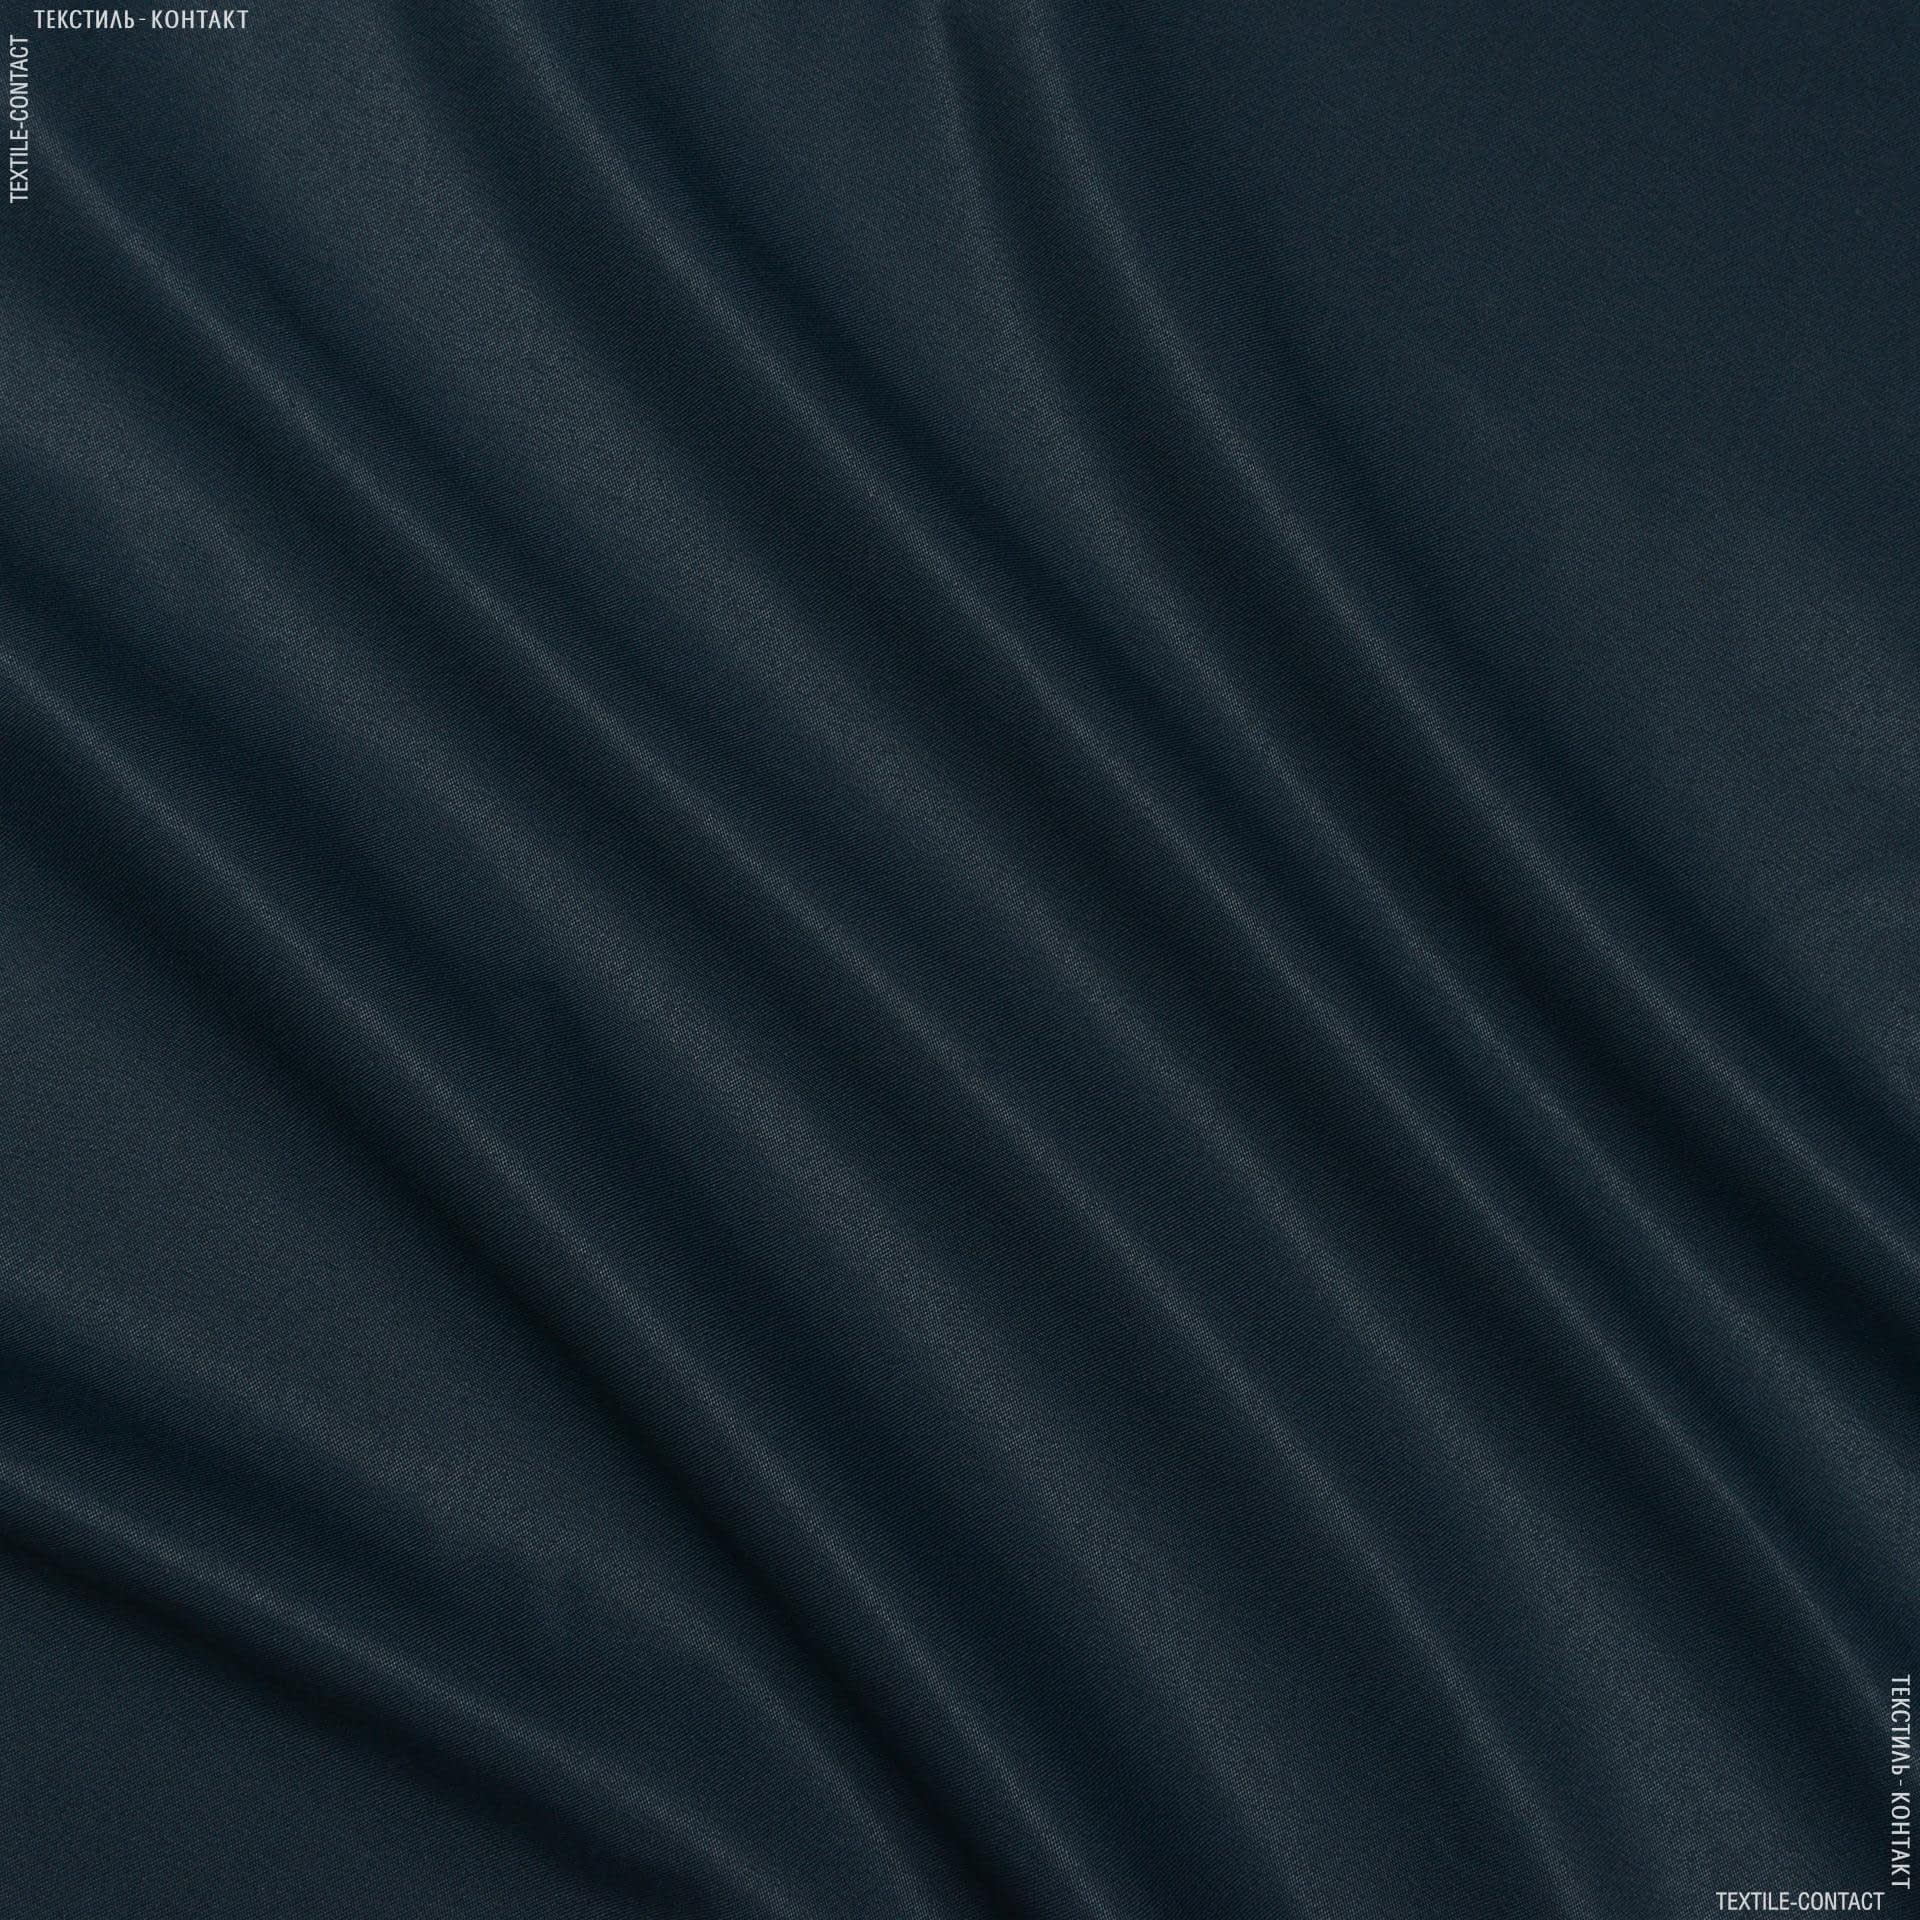 Тканини для спецодягу - Грета-2701 ВСТ  темно-синий